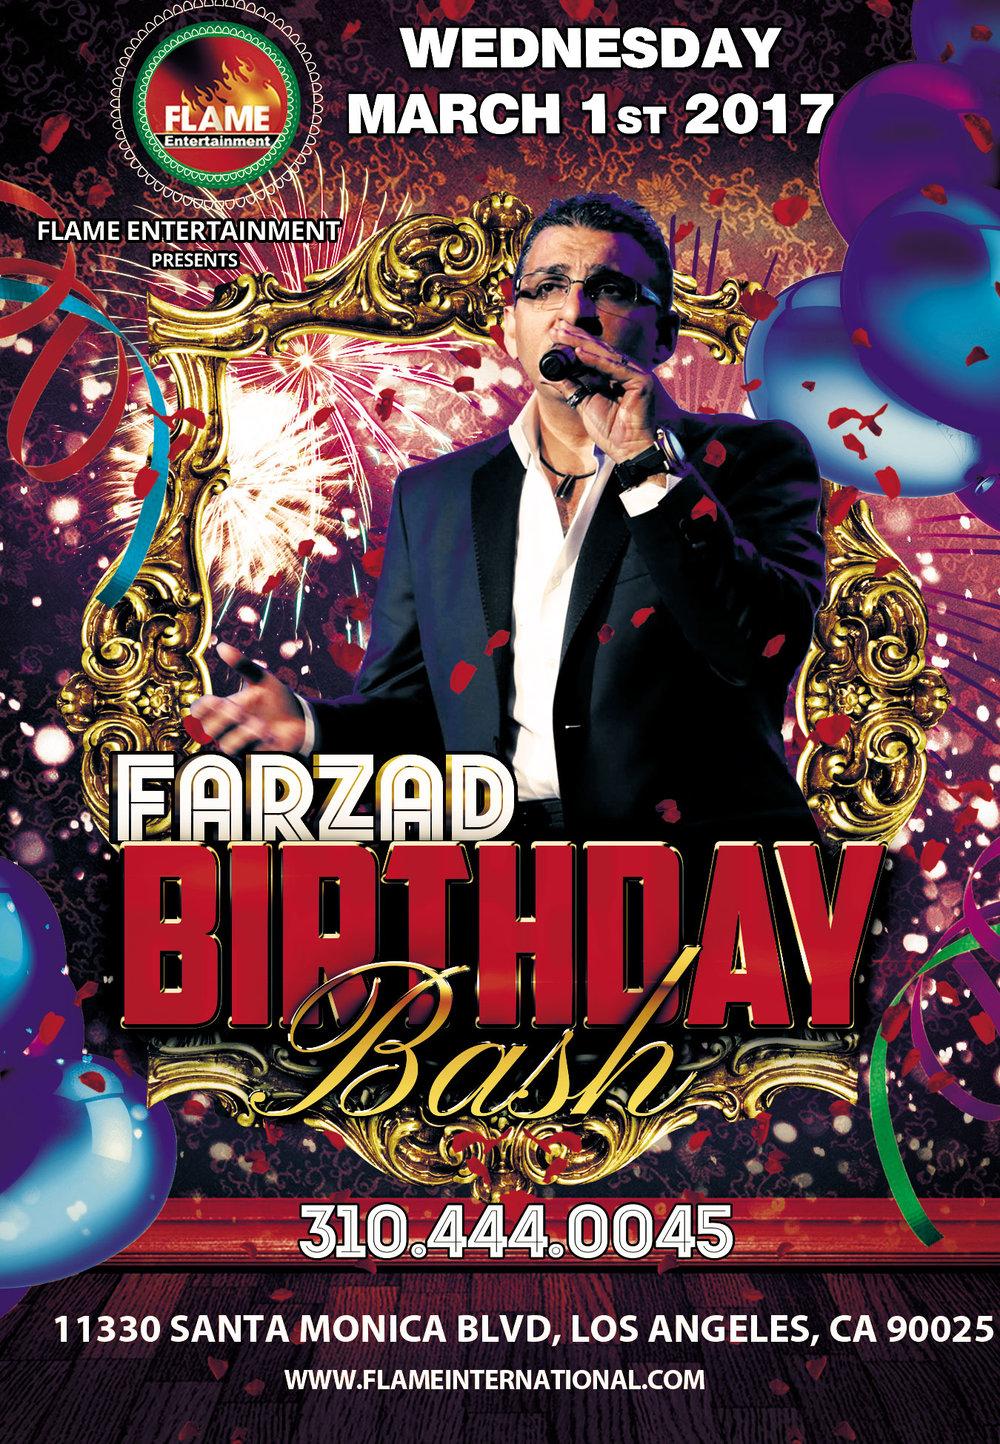 farzad-agavian_Birthday-Bash.jpg